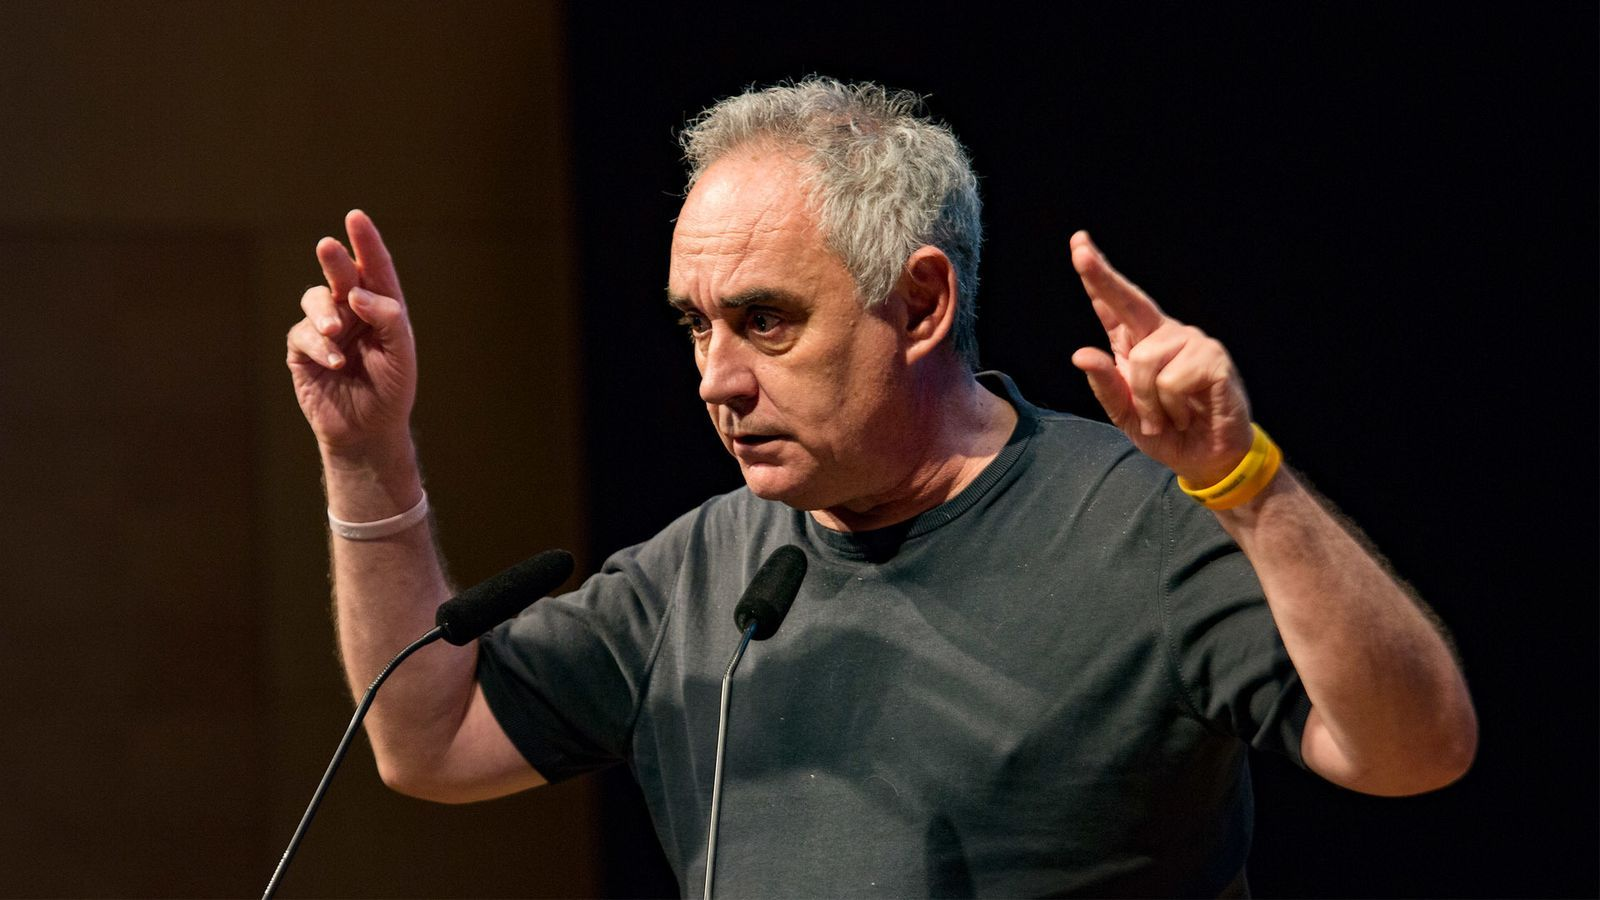 Ferran Adrià: Pensem que podem fer un país millor al voltant de la innovació